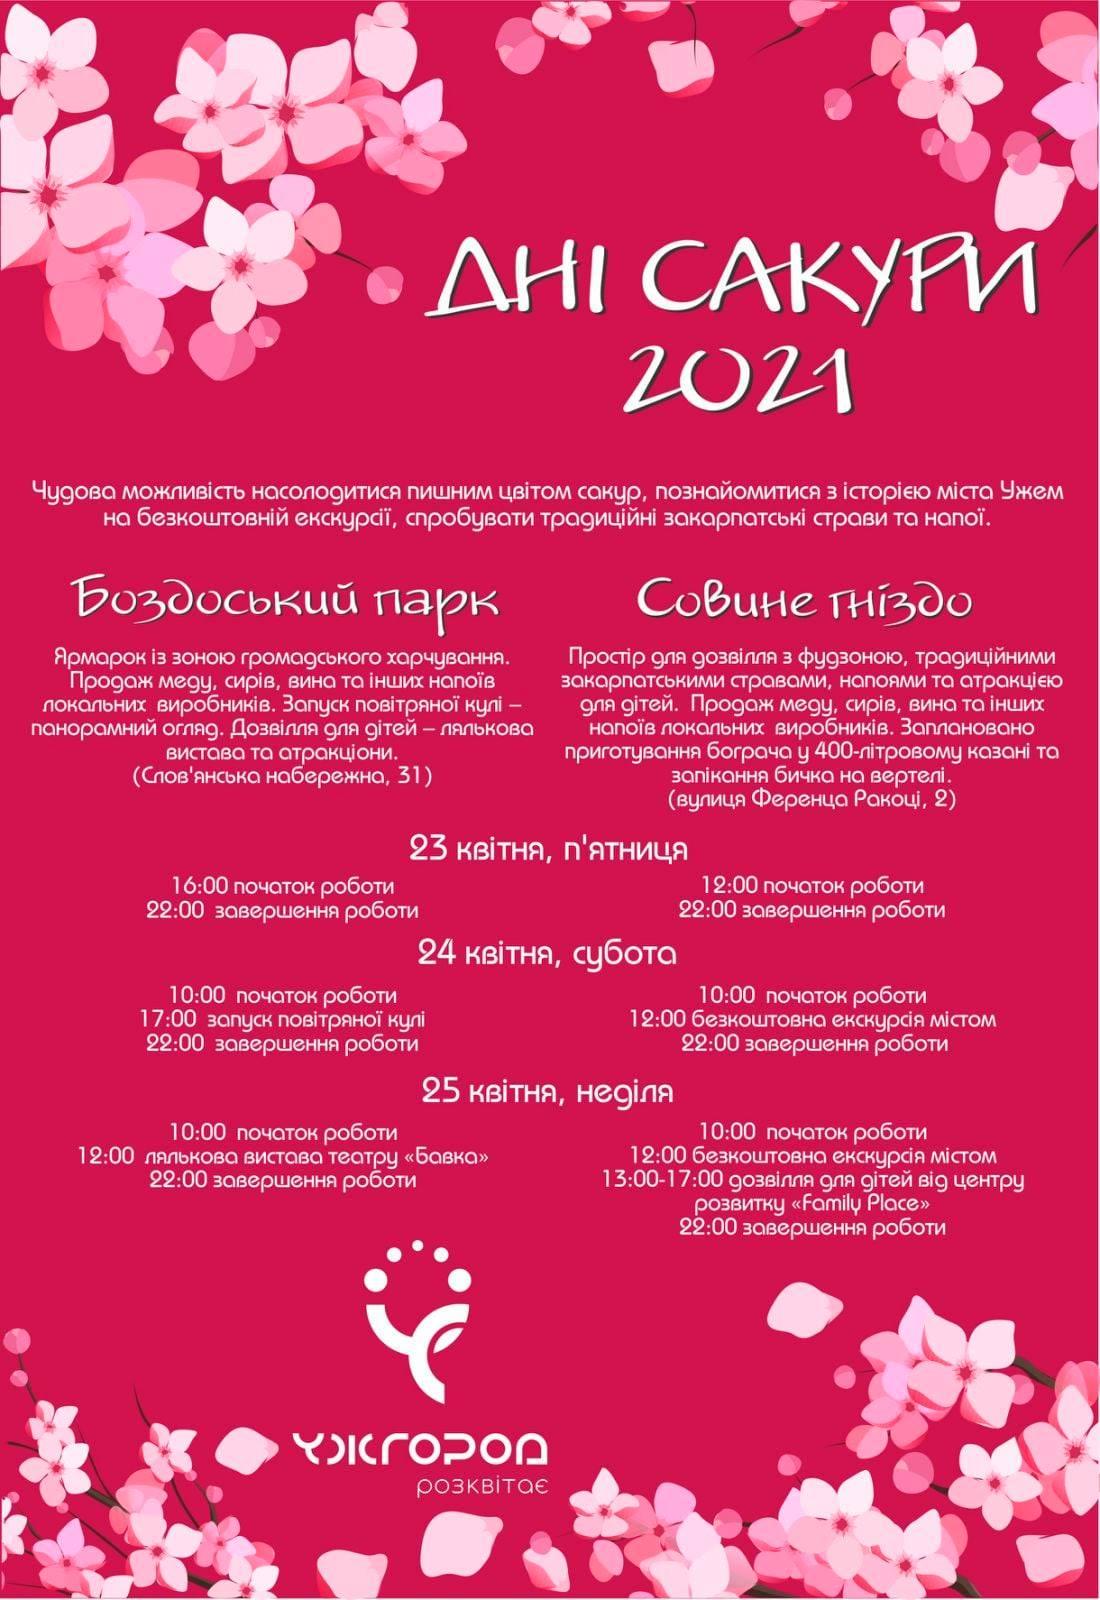 Боздоський парк запрошує весело зустріти довгоочікувану весну разом на ужгородському весняному святі «ДНІ САКУРИ».